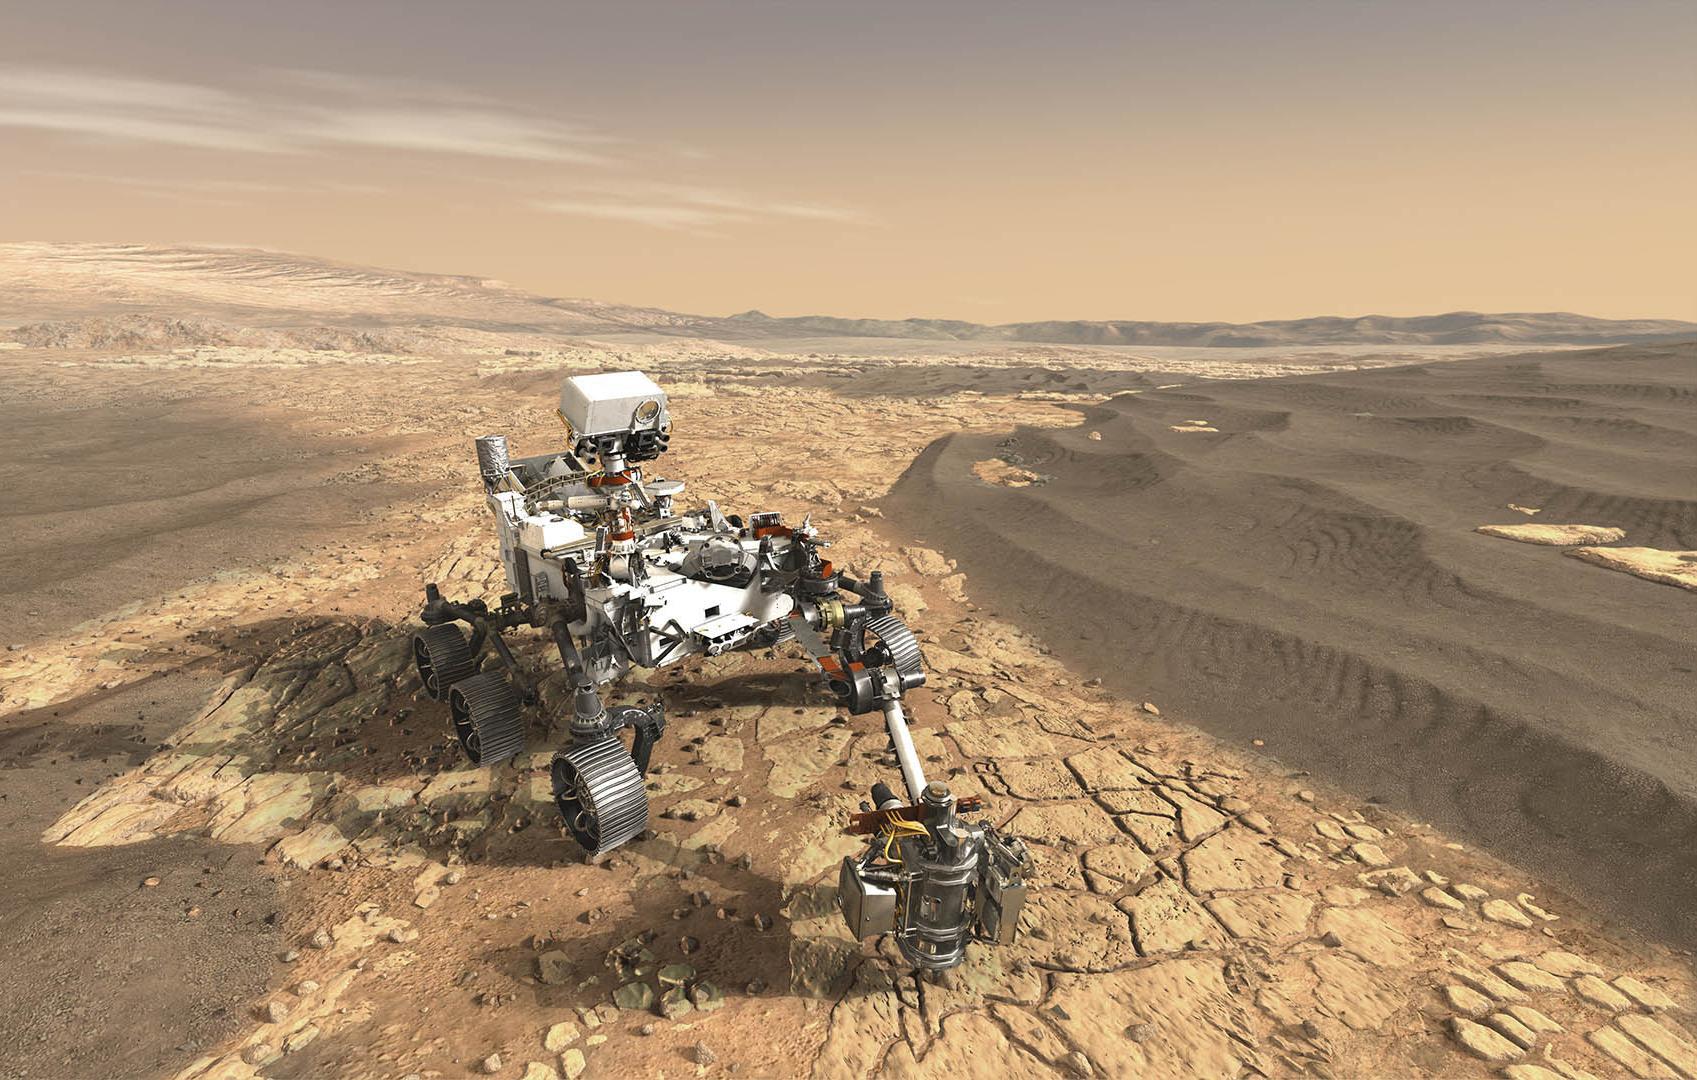 Rover Perseverance irá coletar amostras do solo de Marte, que serão recuperadas pela missão Mars Sample Return. Imagem: Nasa